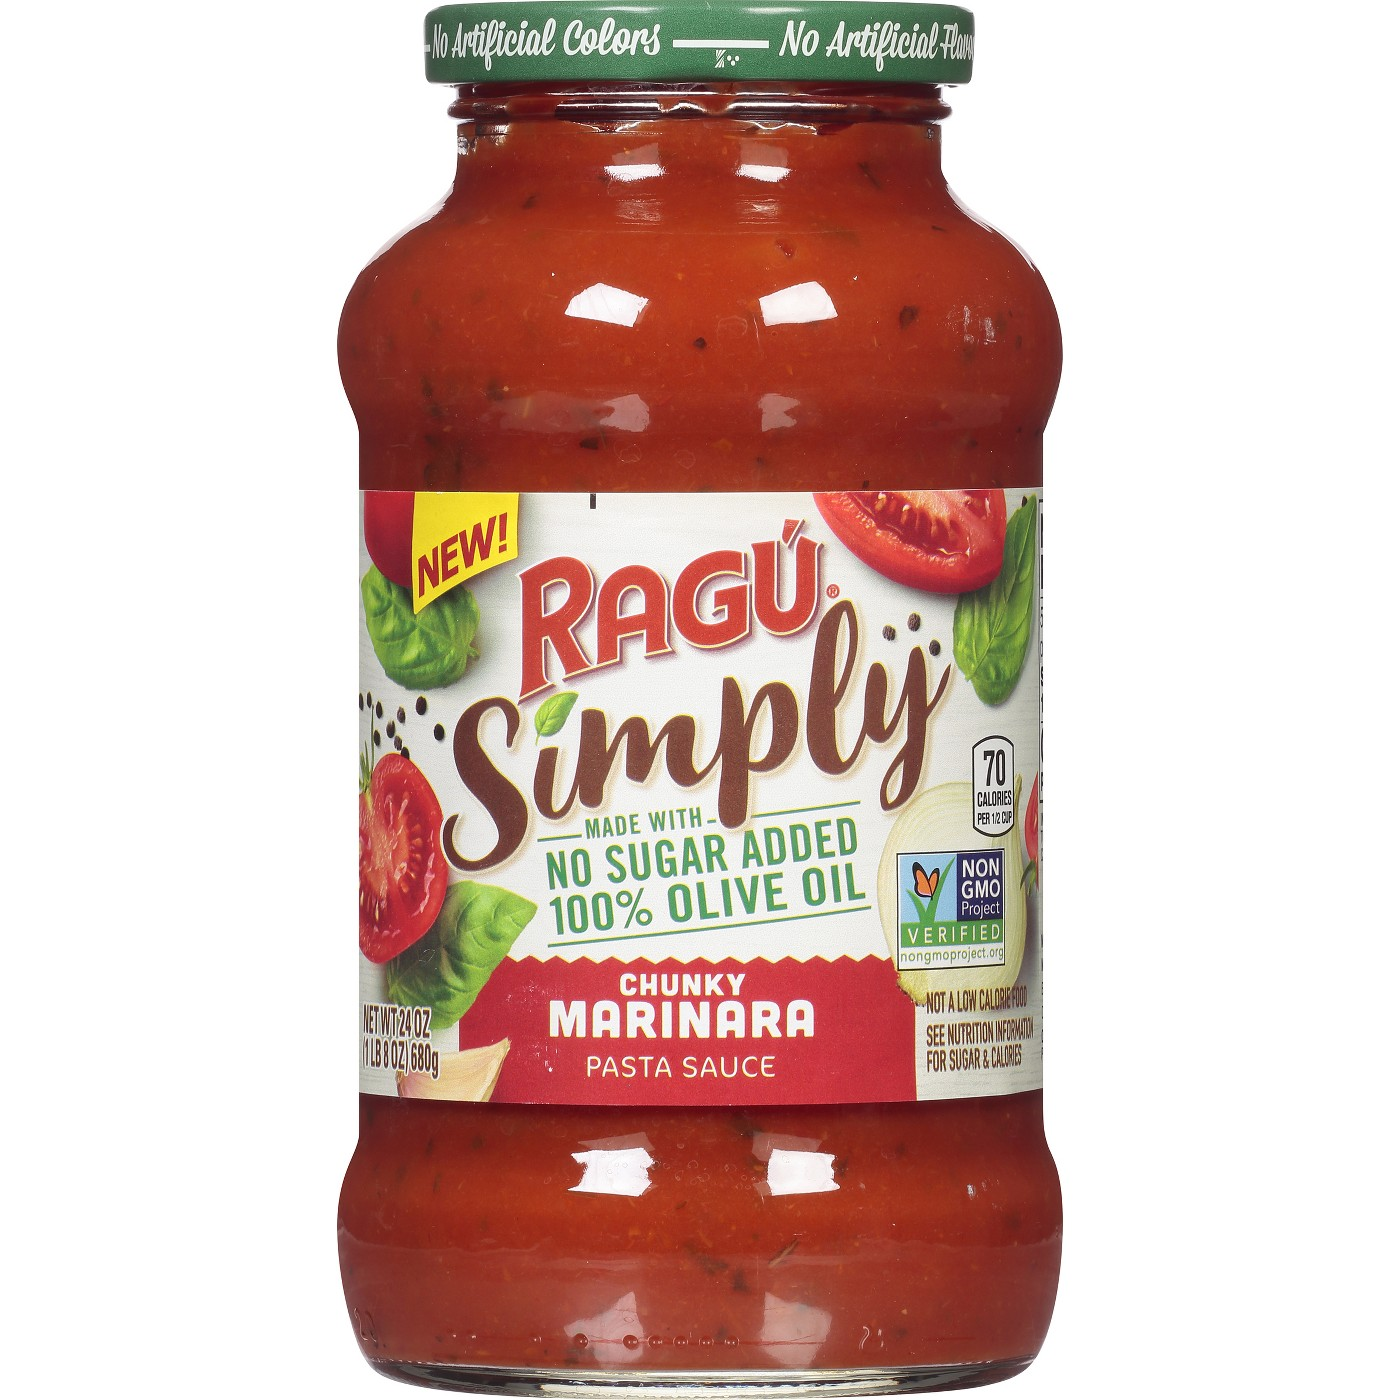 Ragu Simply Chunky Marinara Pasta Sauce - 24oz - image 1 of 4